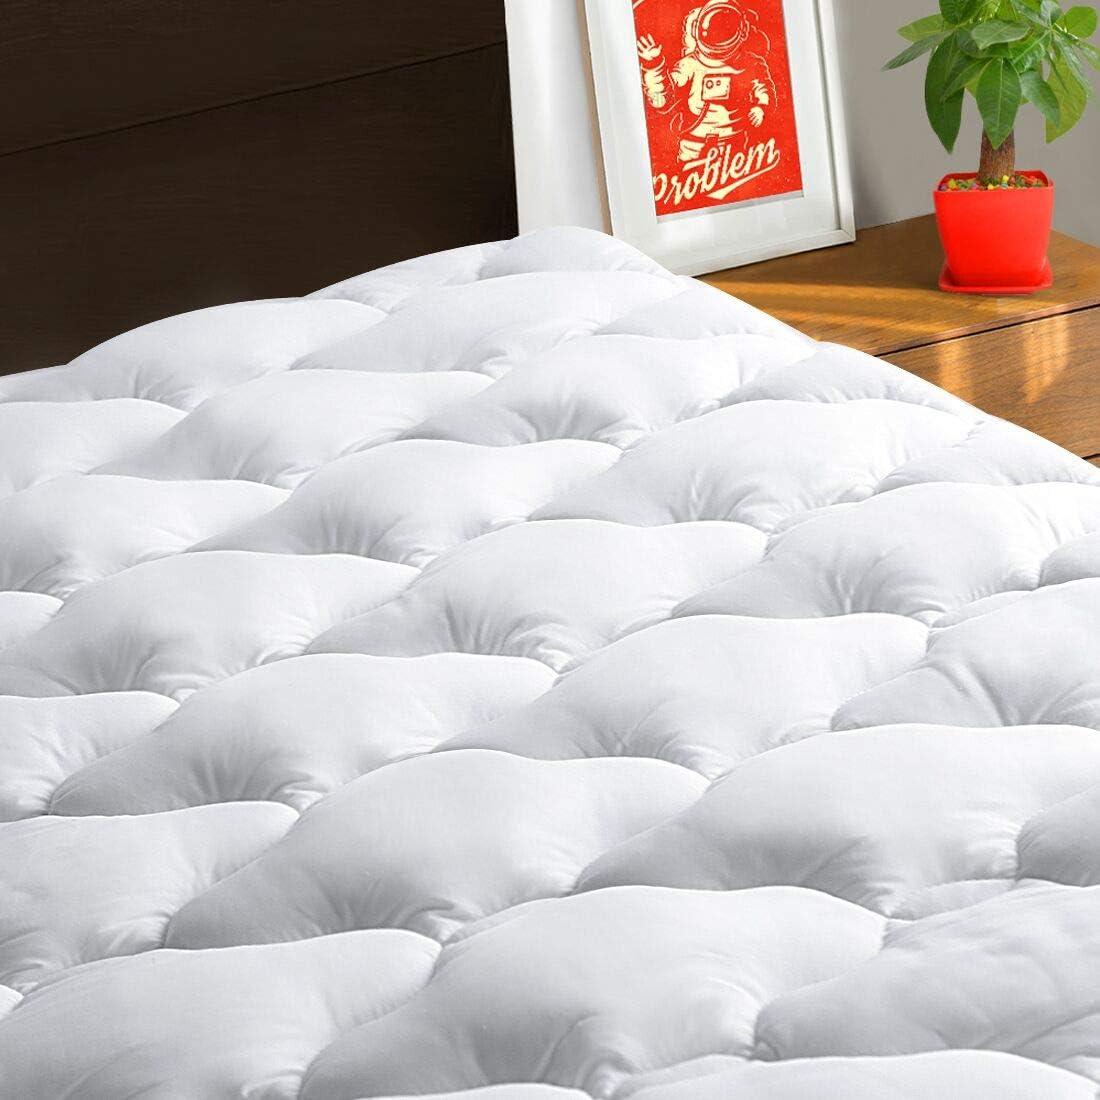 therapedic vs posturepedic cooling mattress pad